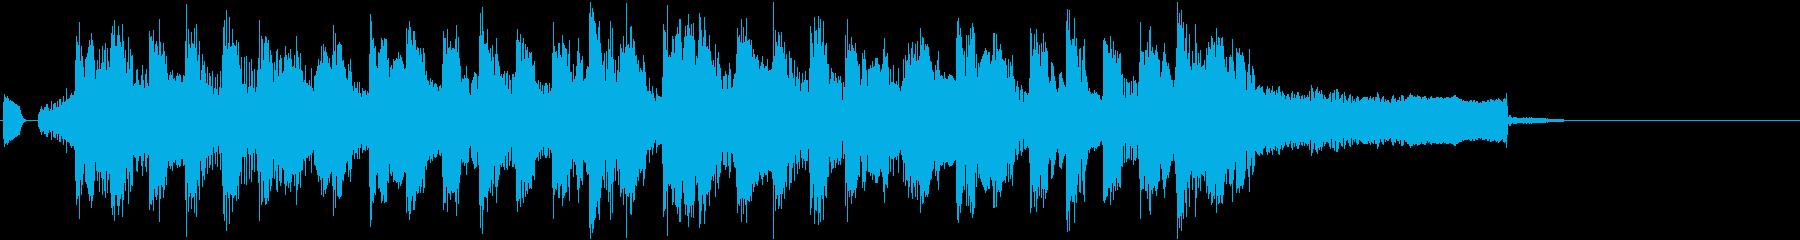 ジングル/コミカル/陽気/ポップの再生済みの波形